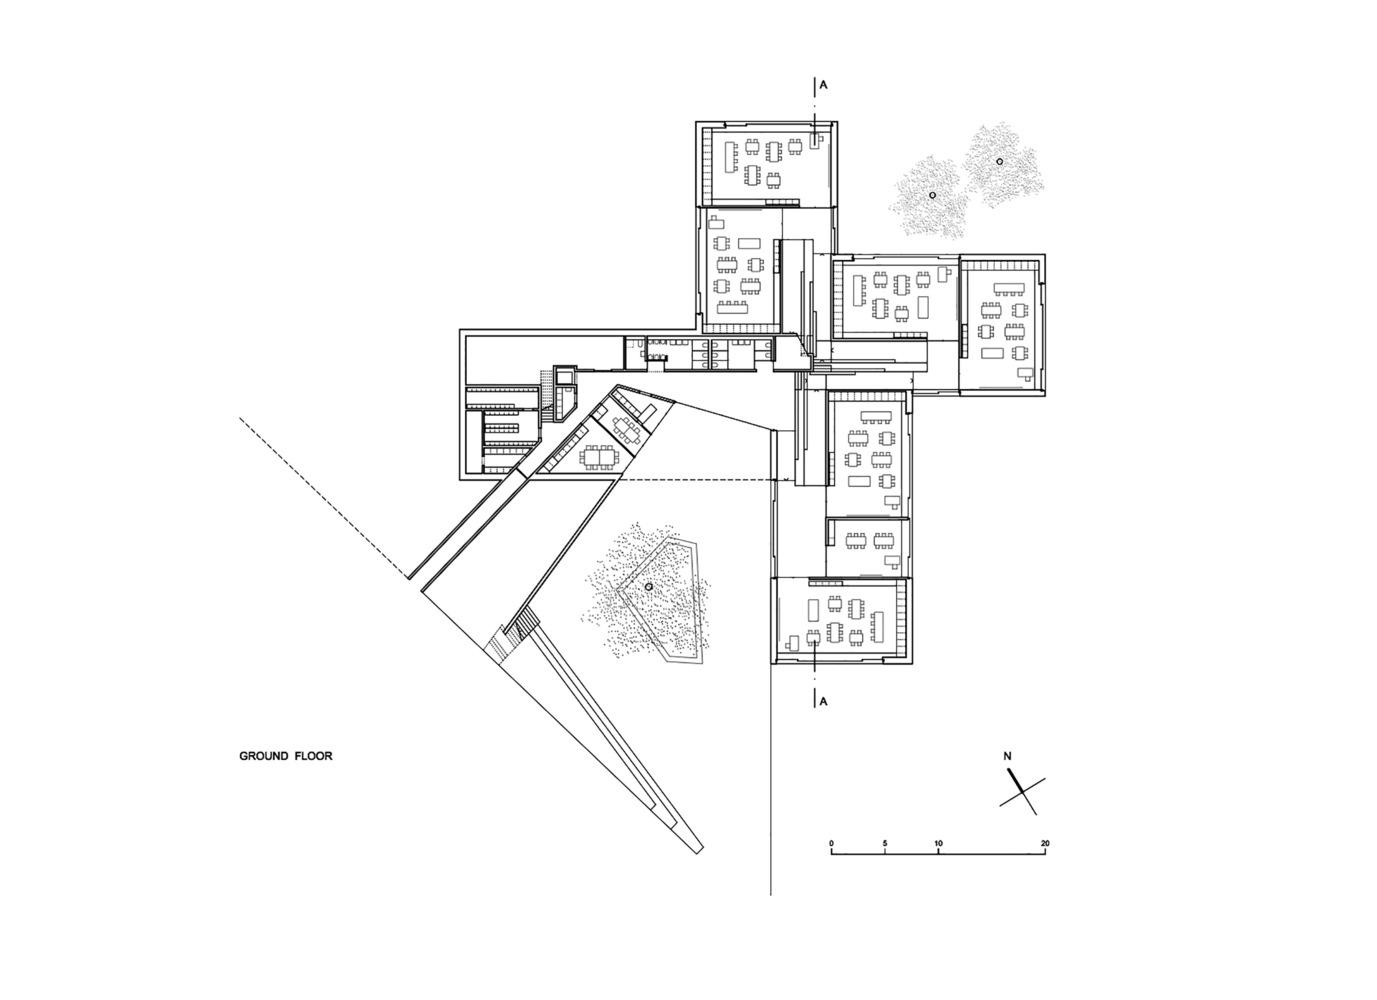 141 best plans images on pinterest architecture plan floor 141 best plans images on pinterest architecture plan floor plans and architectural drawings